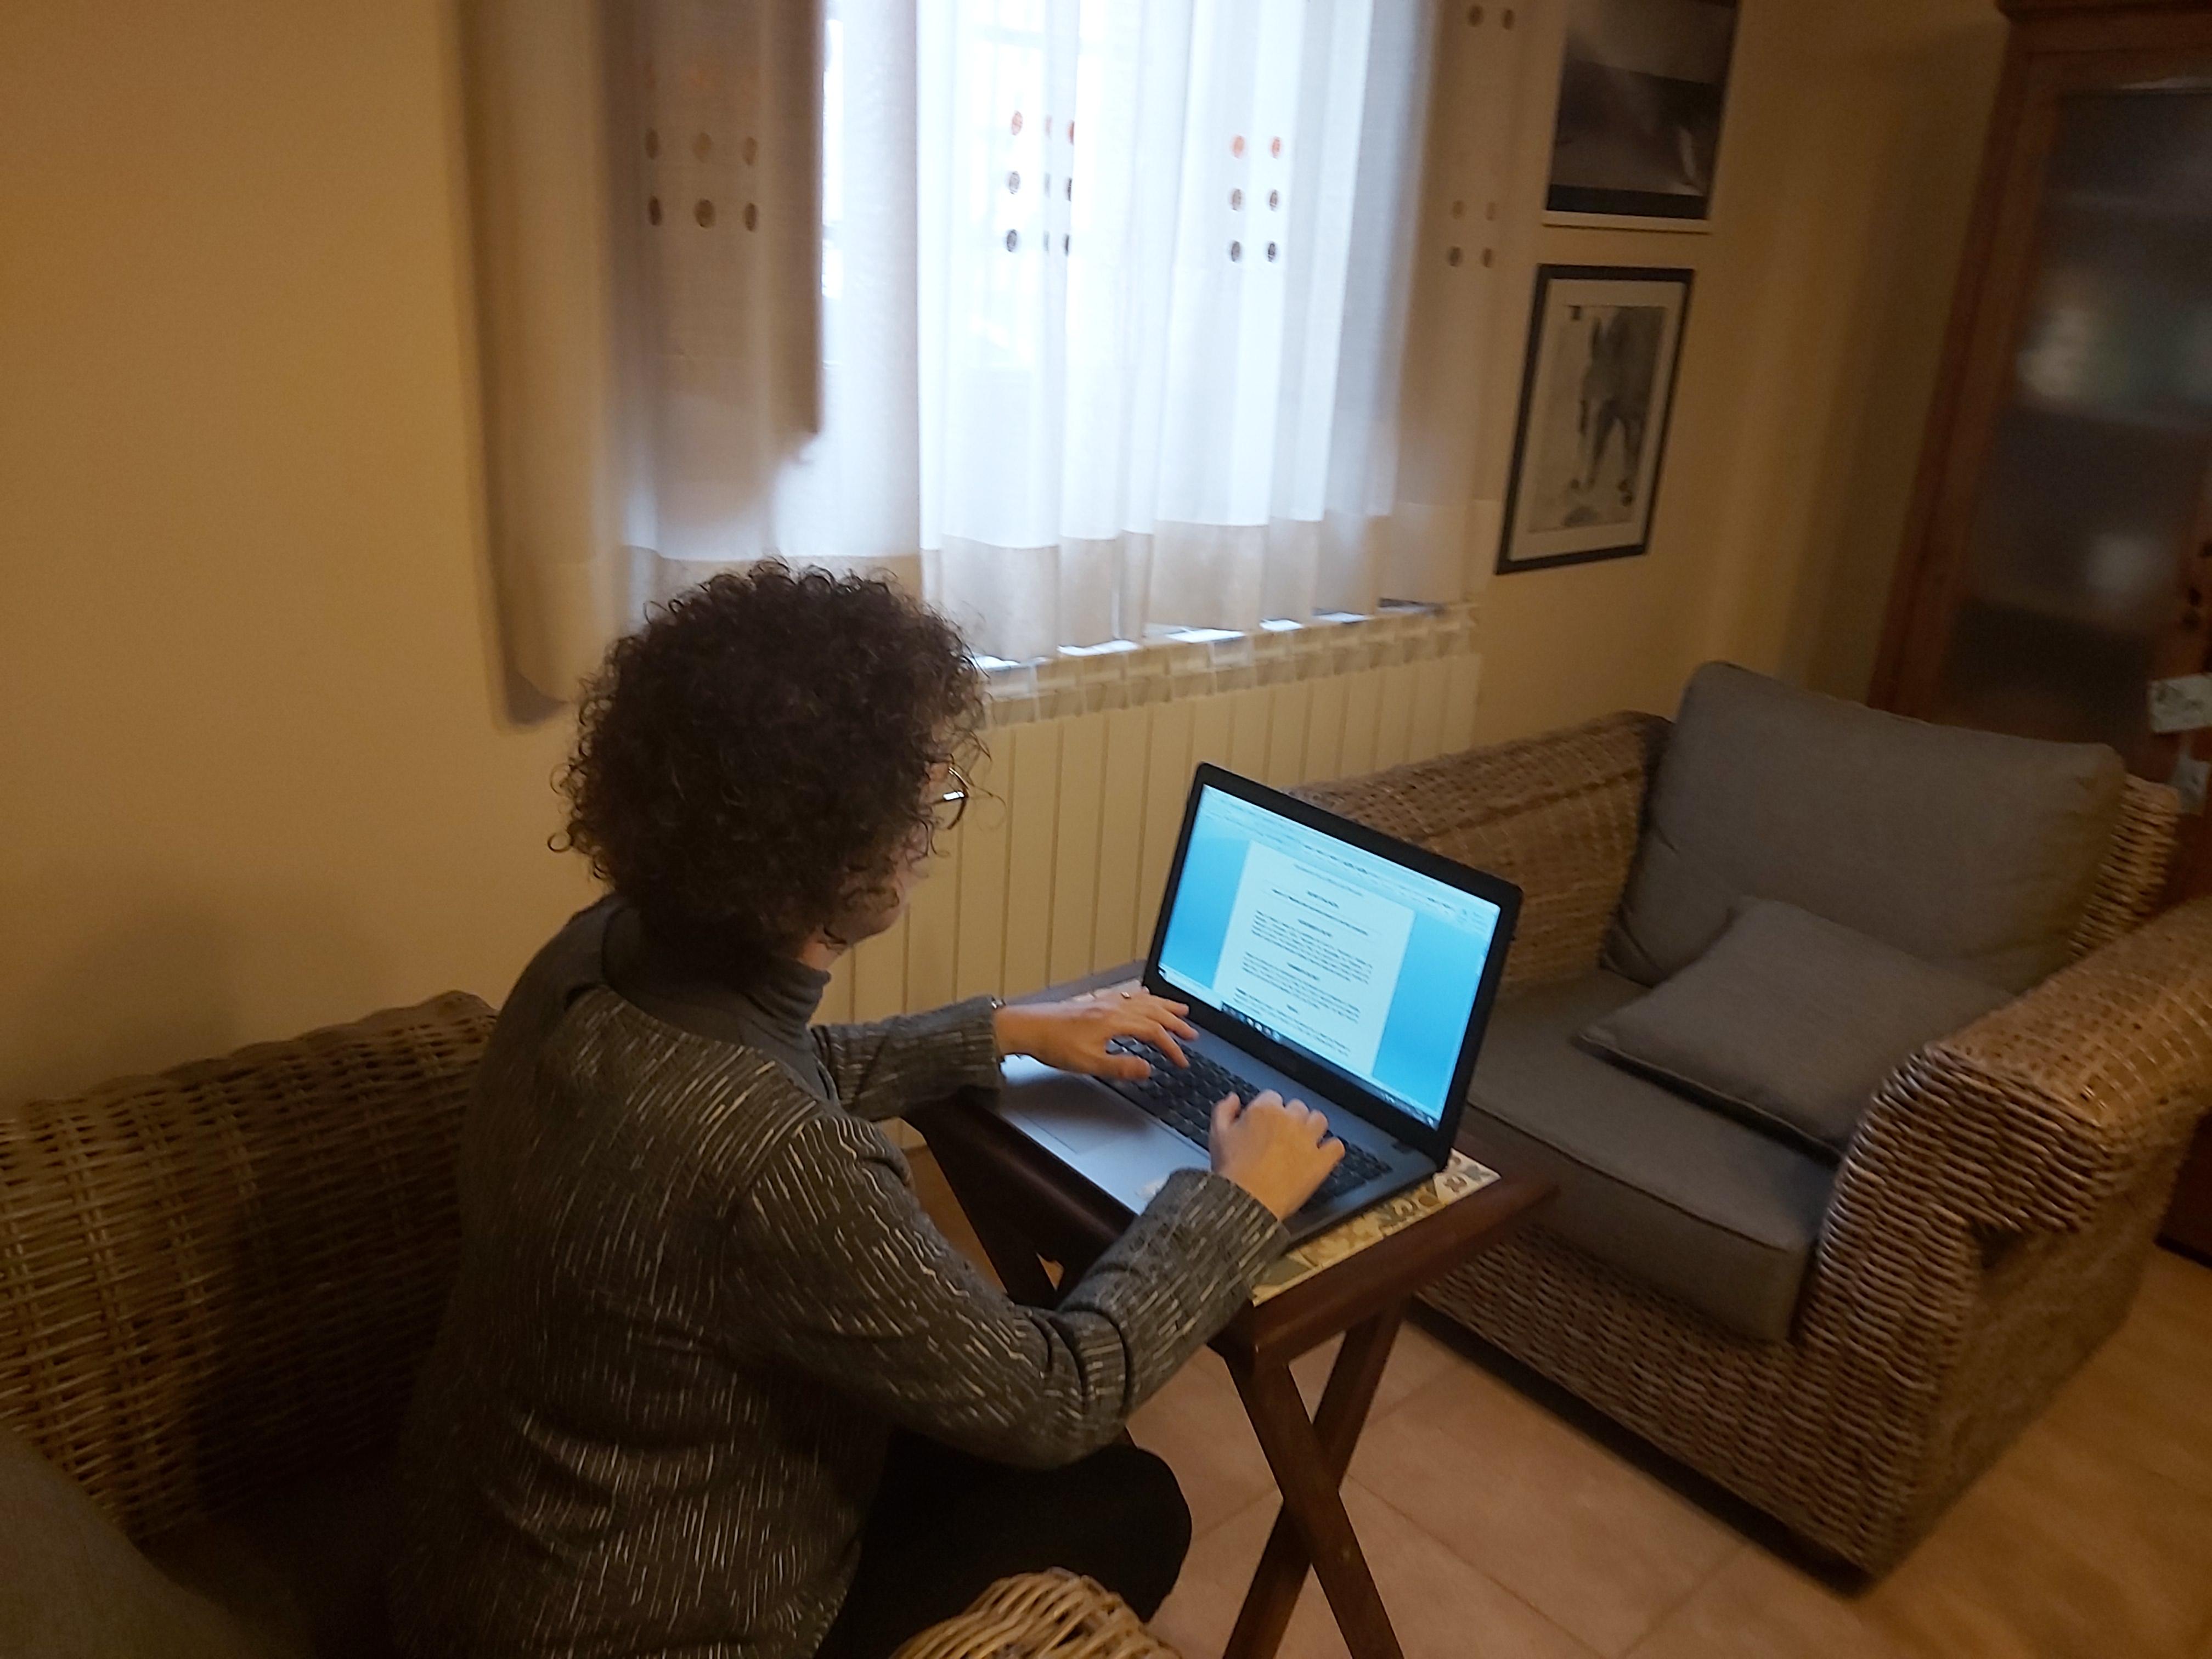 Aquest dilluns l'alcaldessa Agnès Ferré ha signat un decret d'alcaldia amb noves mesures per evitar la propagació del COVID-19